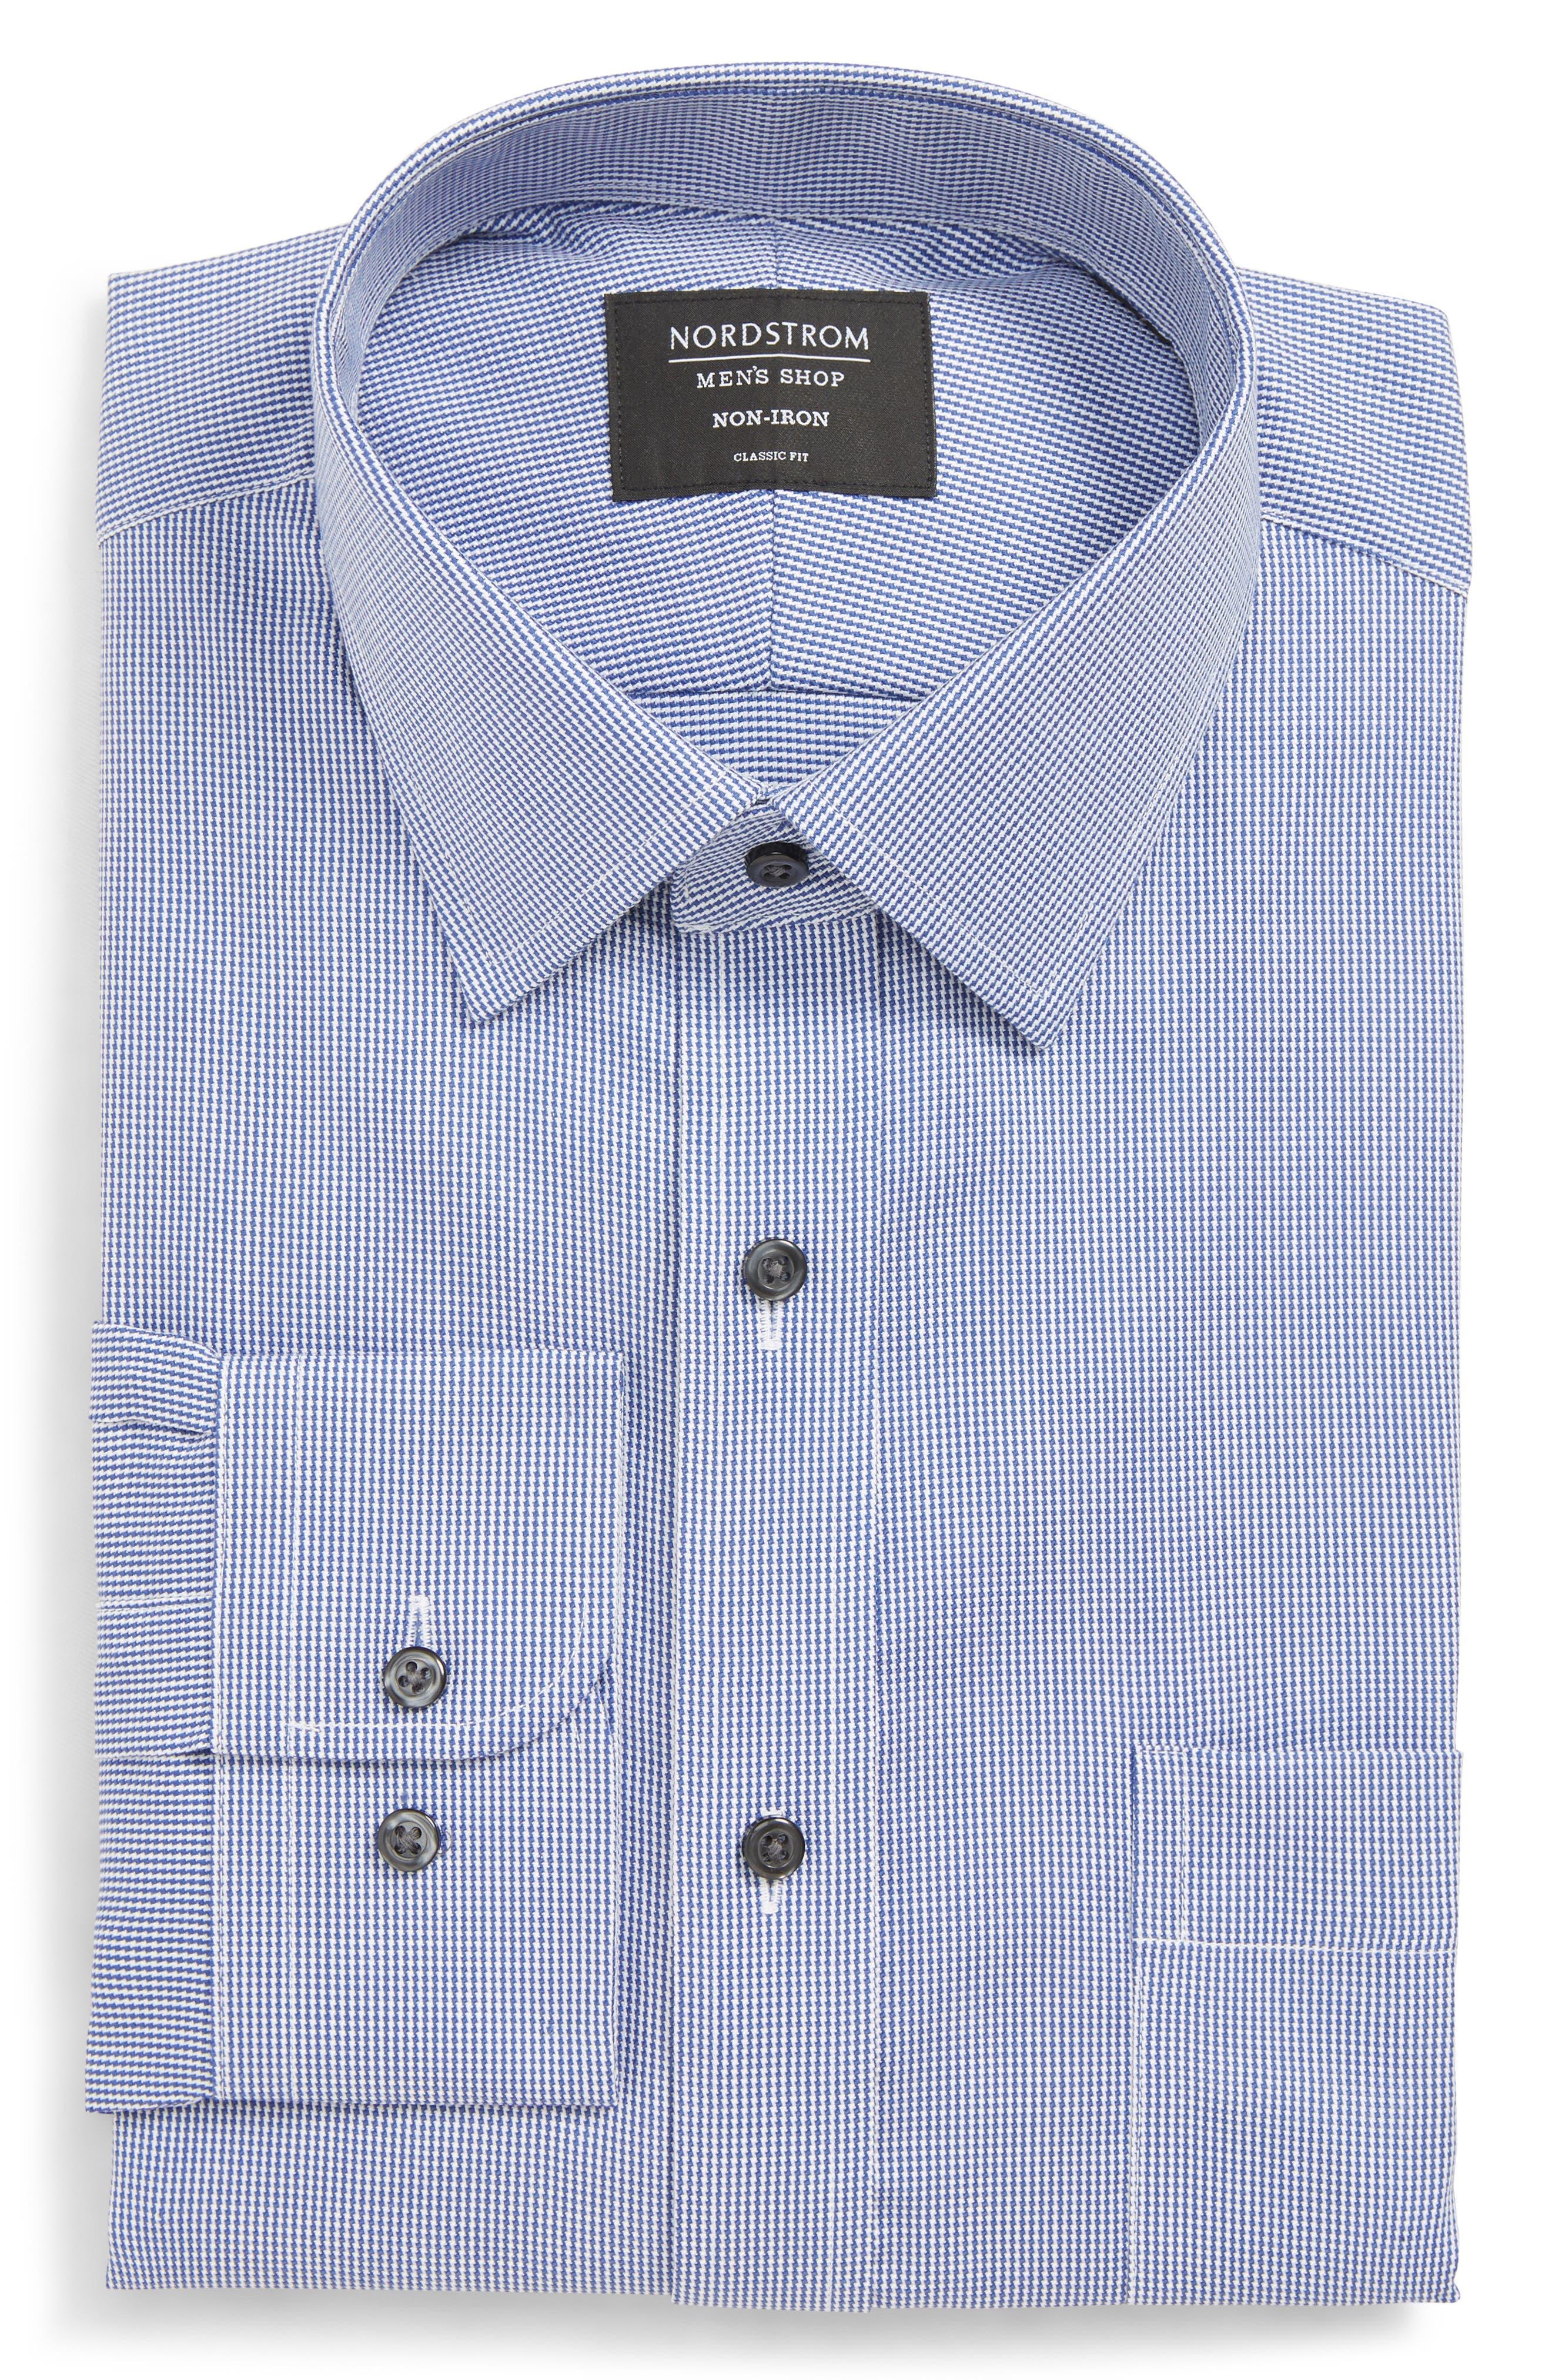 NORDSTROM MEN'S SHOP Classic Fit Non-Iron Stripe Dress Shirt, Main, color, NAVY DRESS